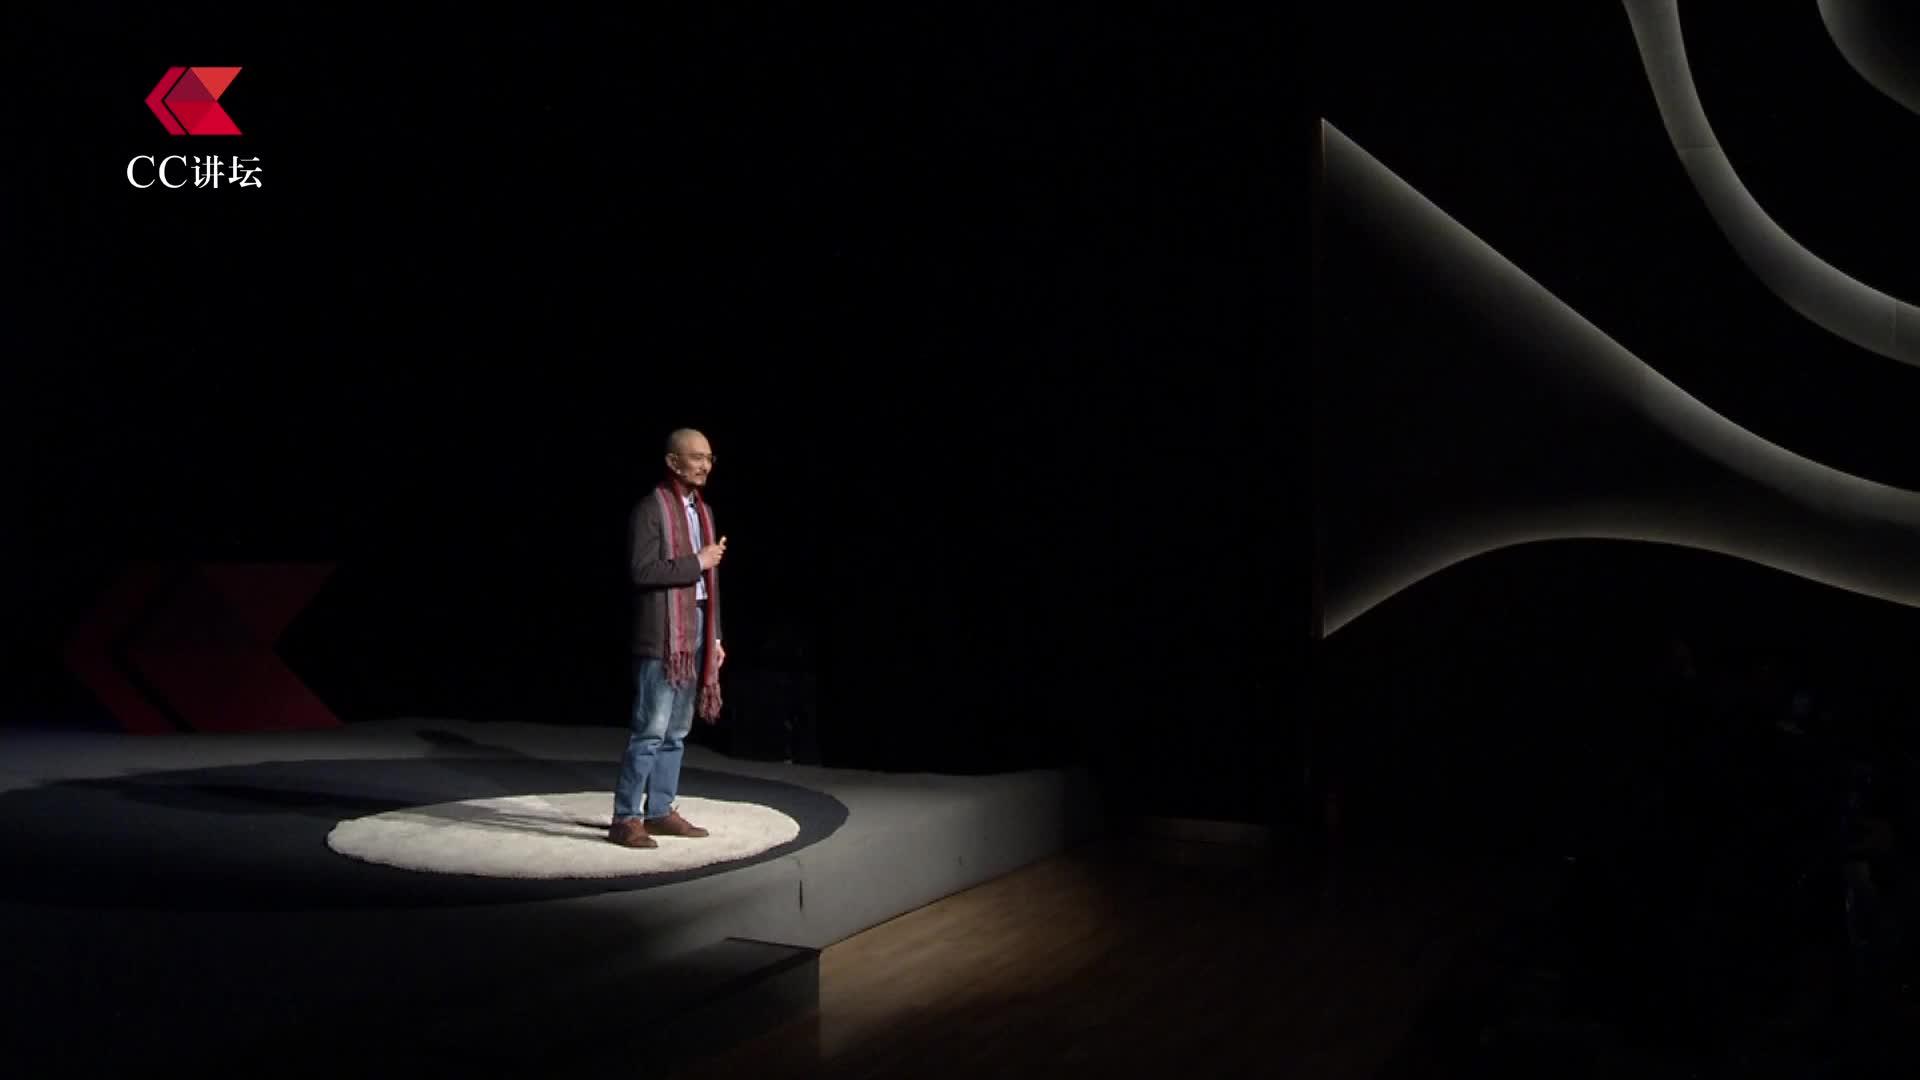 CC讲坛——张刃:用音乐点亮成瘾者的心灯